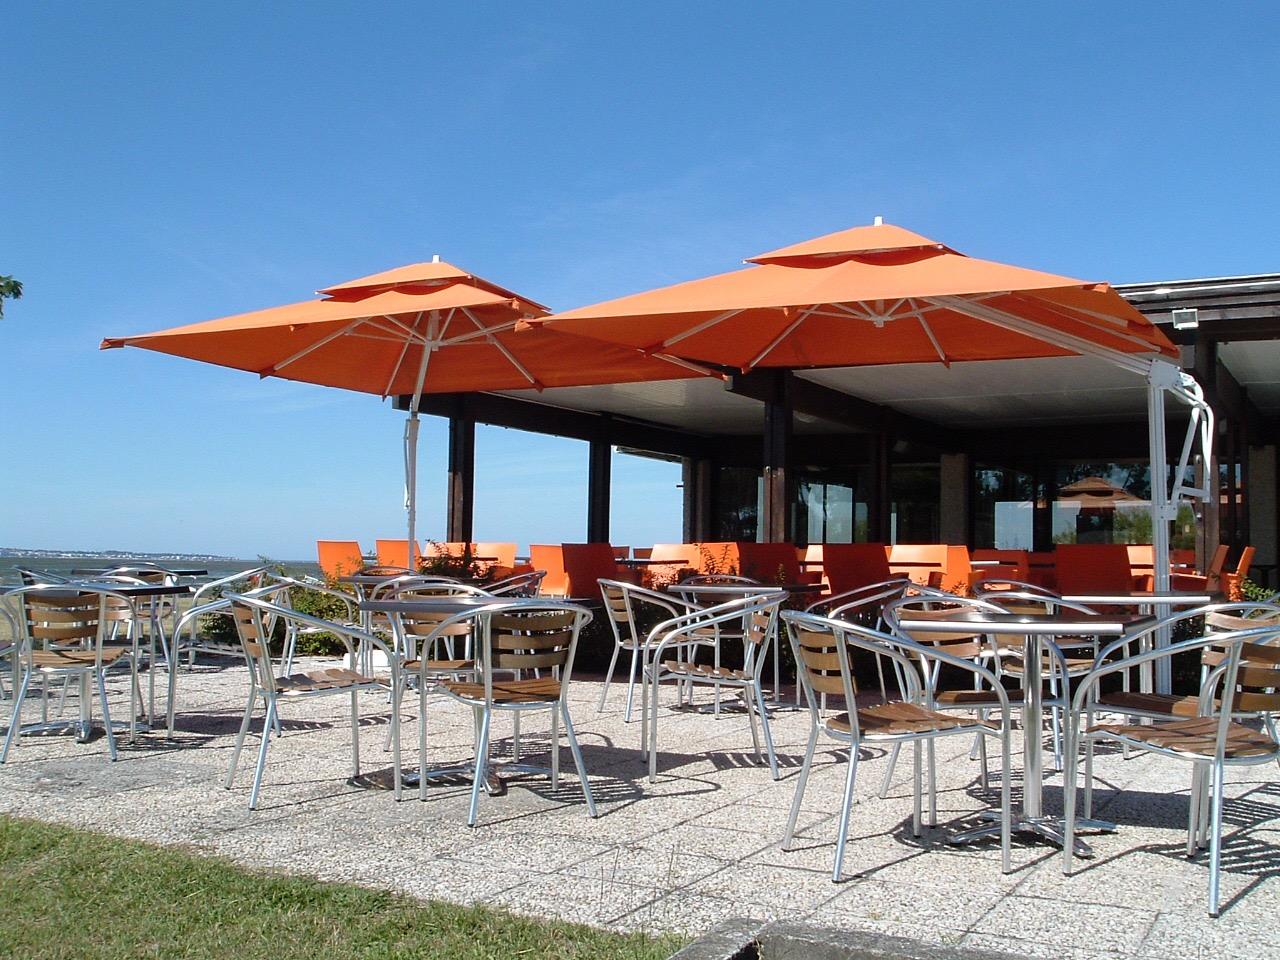 Parasol decor d'Honfleur - 2